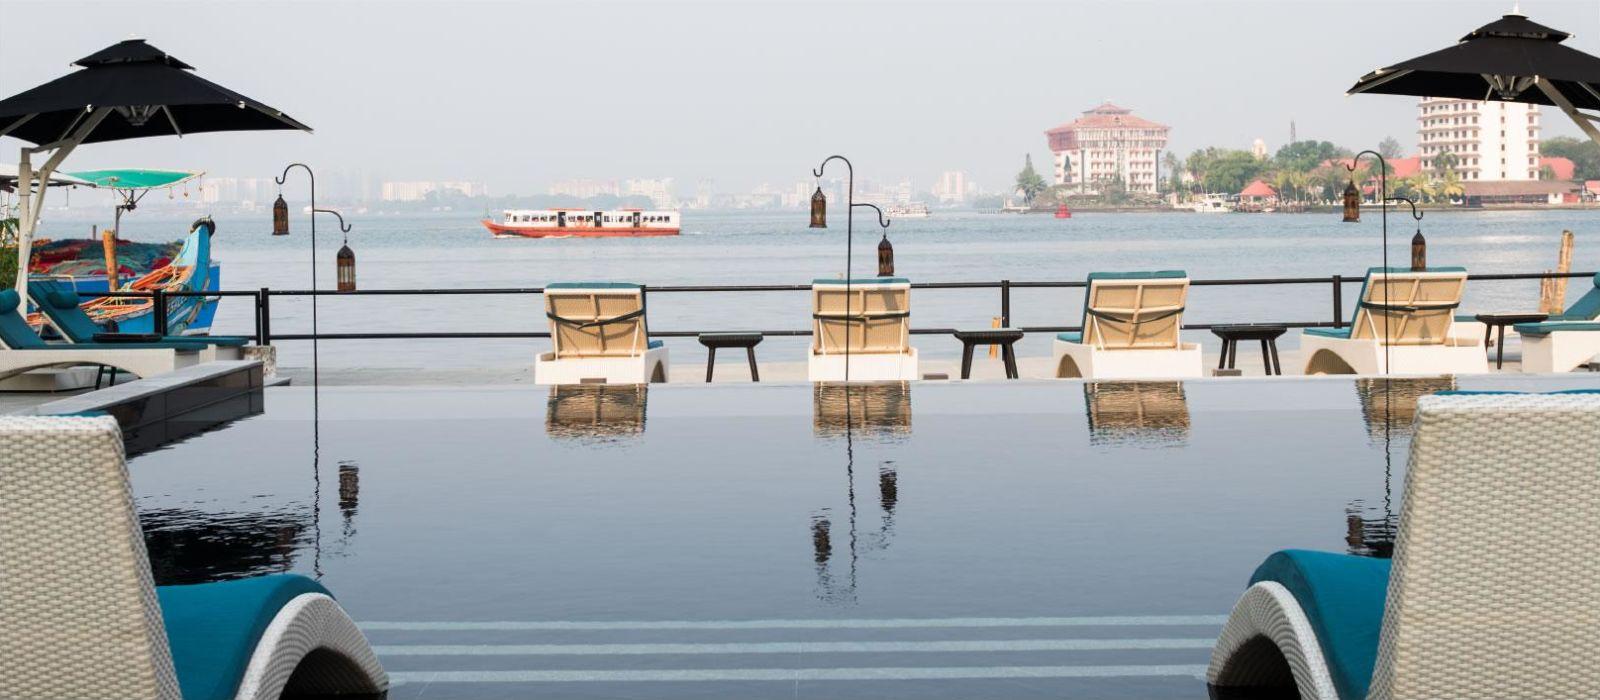 Hotel Xandari Harbour South India